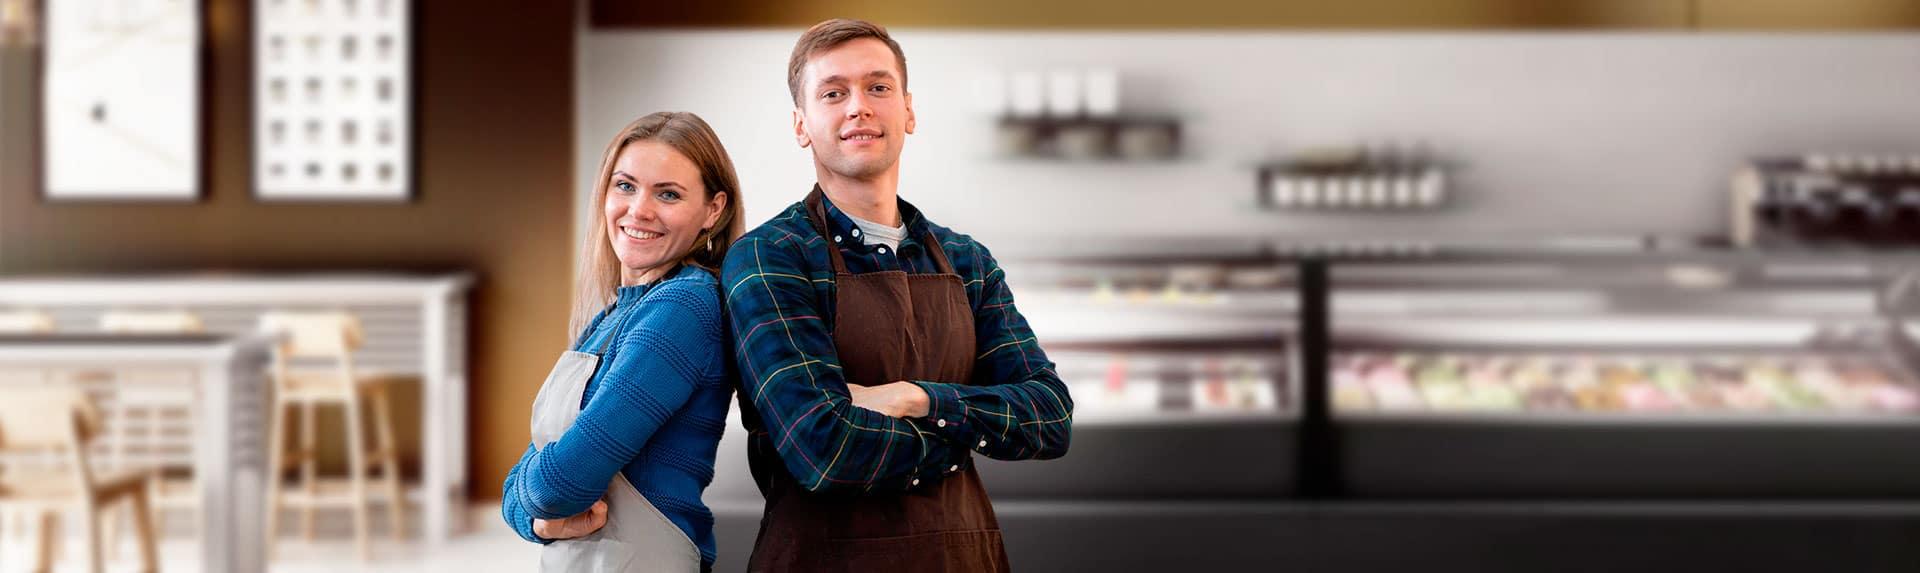 pareja en frente vitrina de heladería